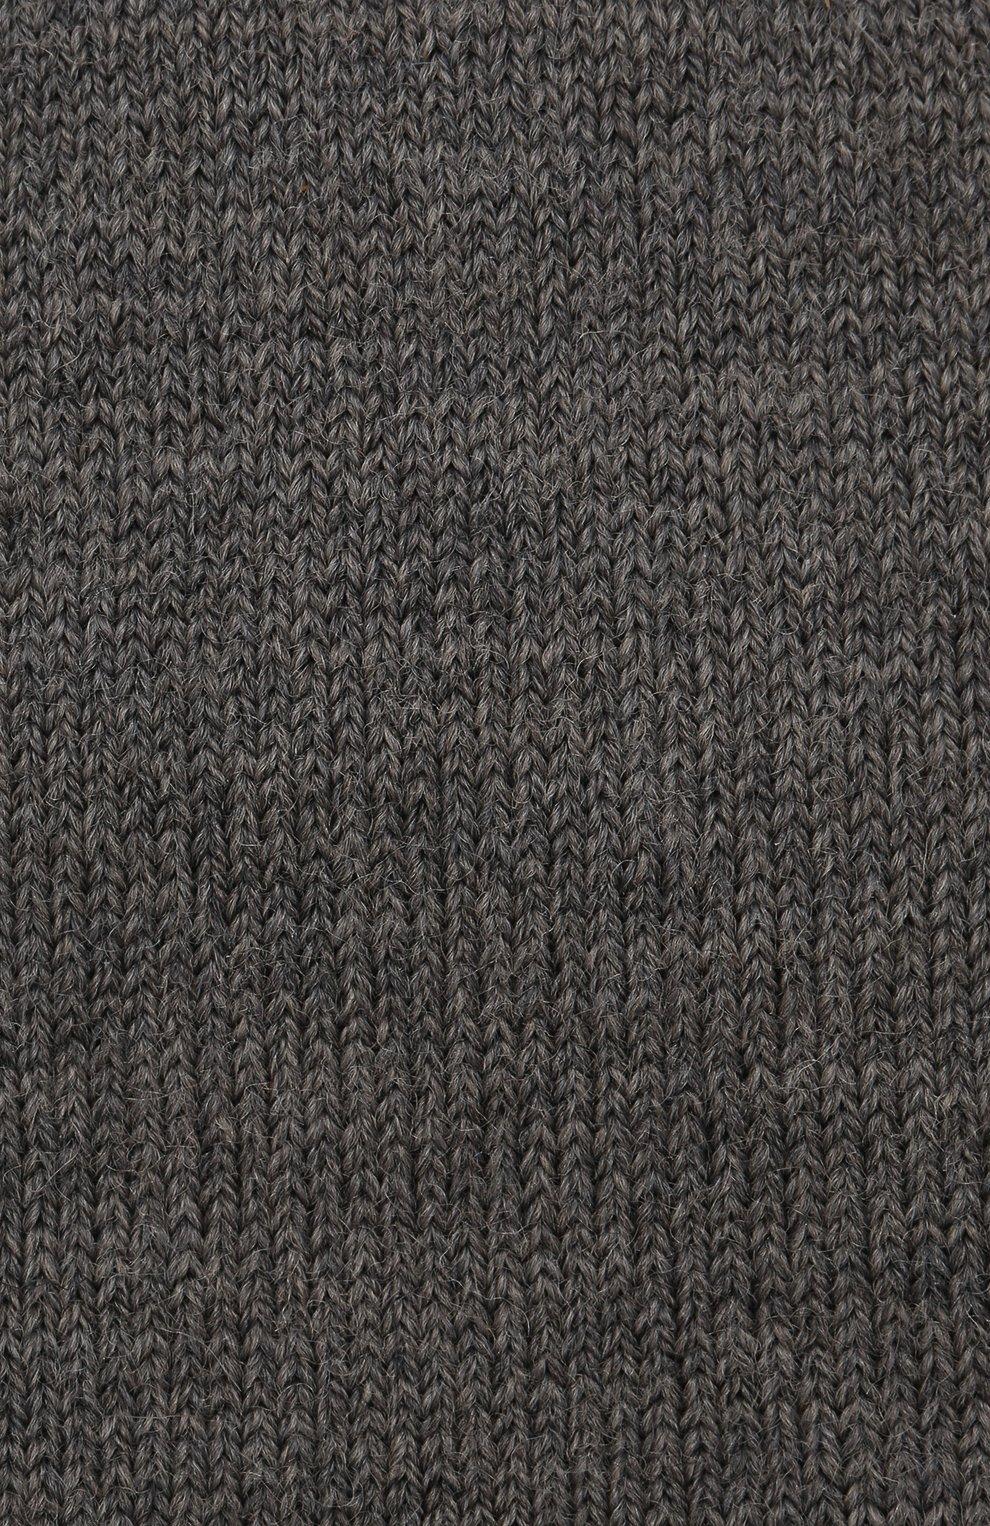 Детские гольфы comfort wool FALKE серого цвета, арт. 11488 | Фото 2